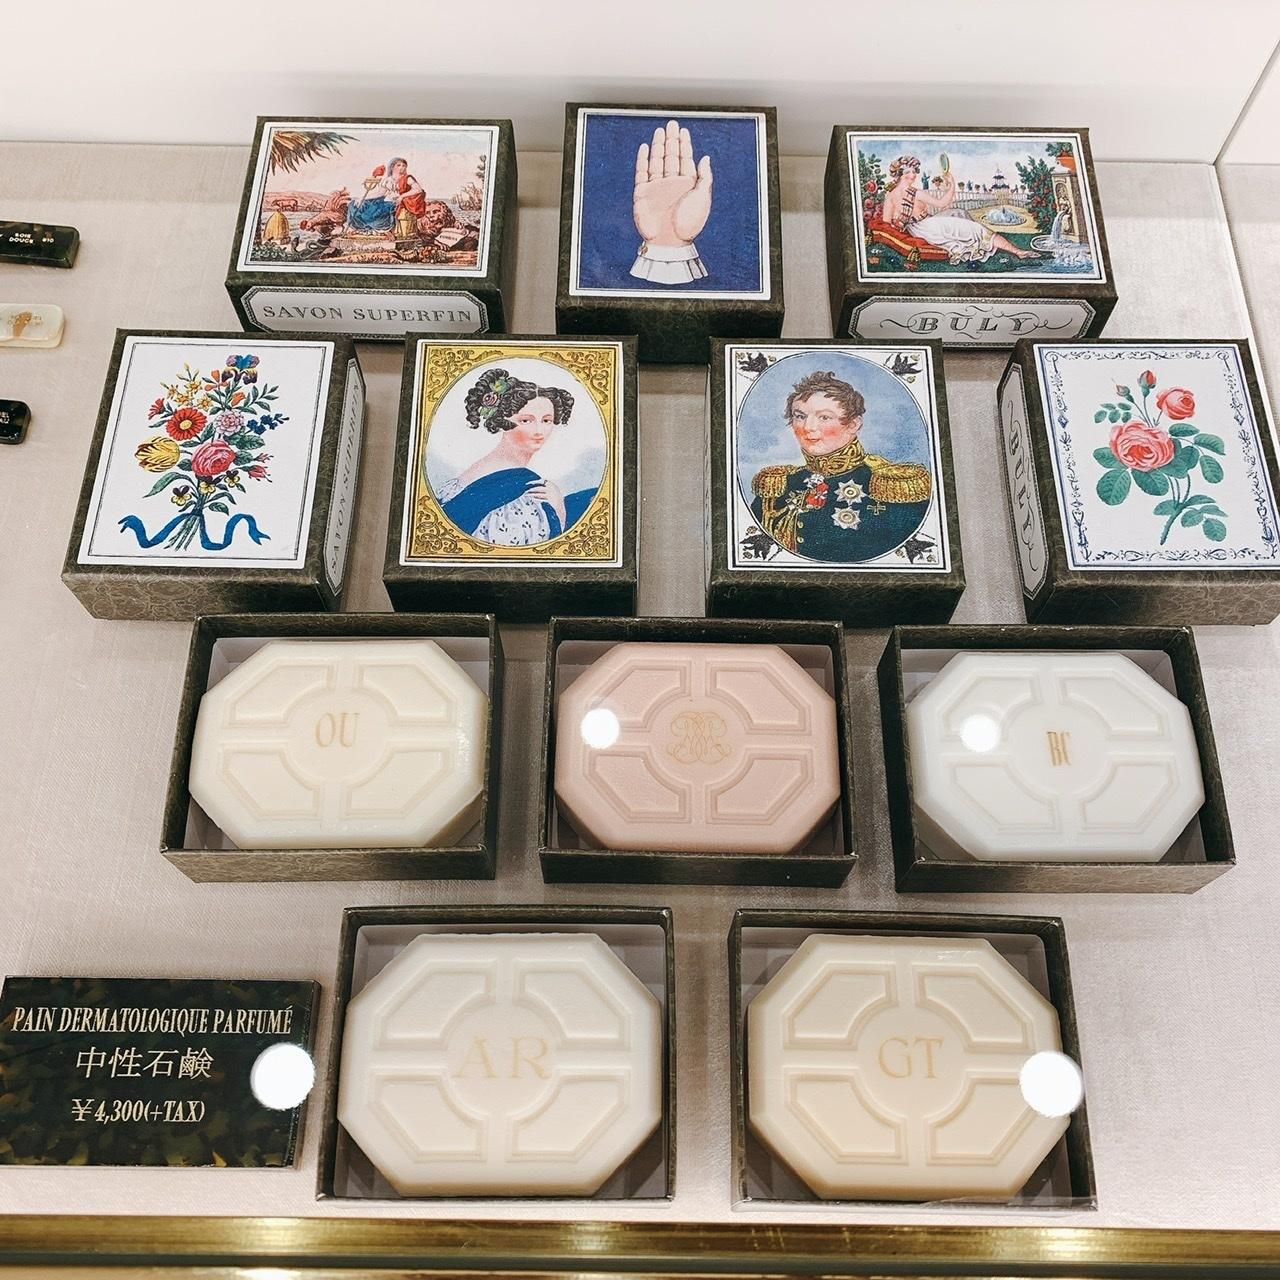 イニシャルを刻印する有料サービスも。「サヴォン・スゥペールファン」 各150g ¥4,300